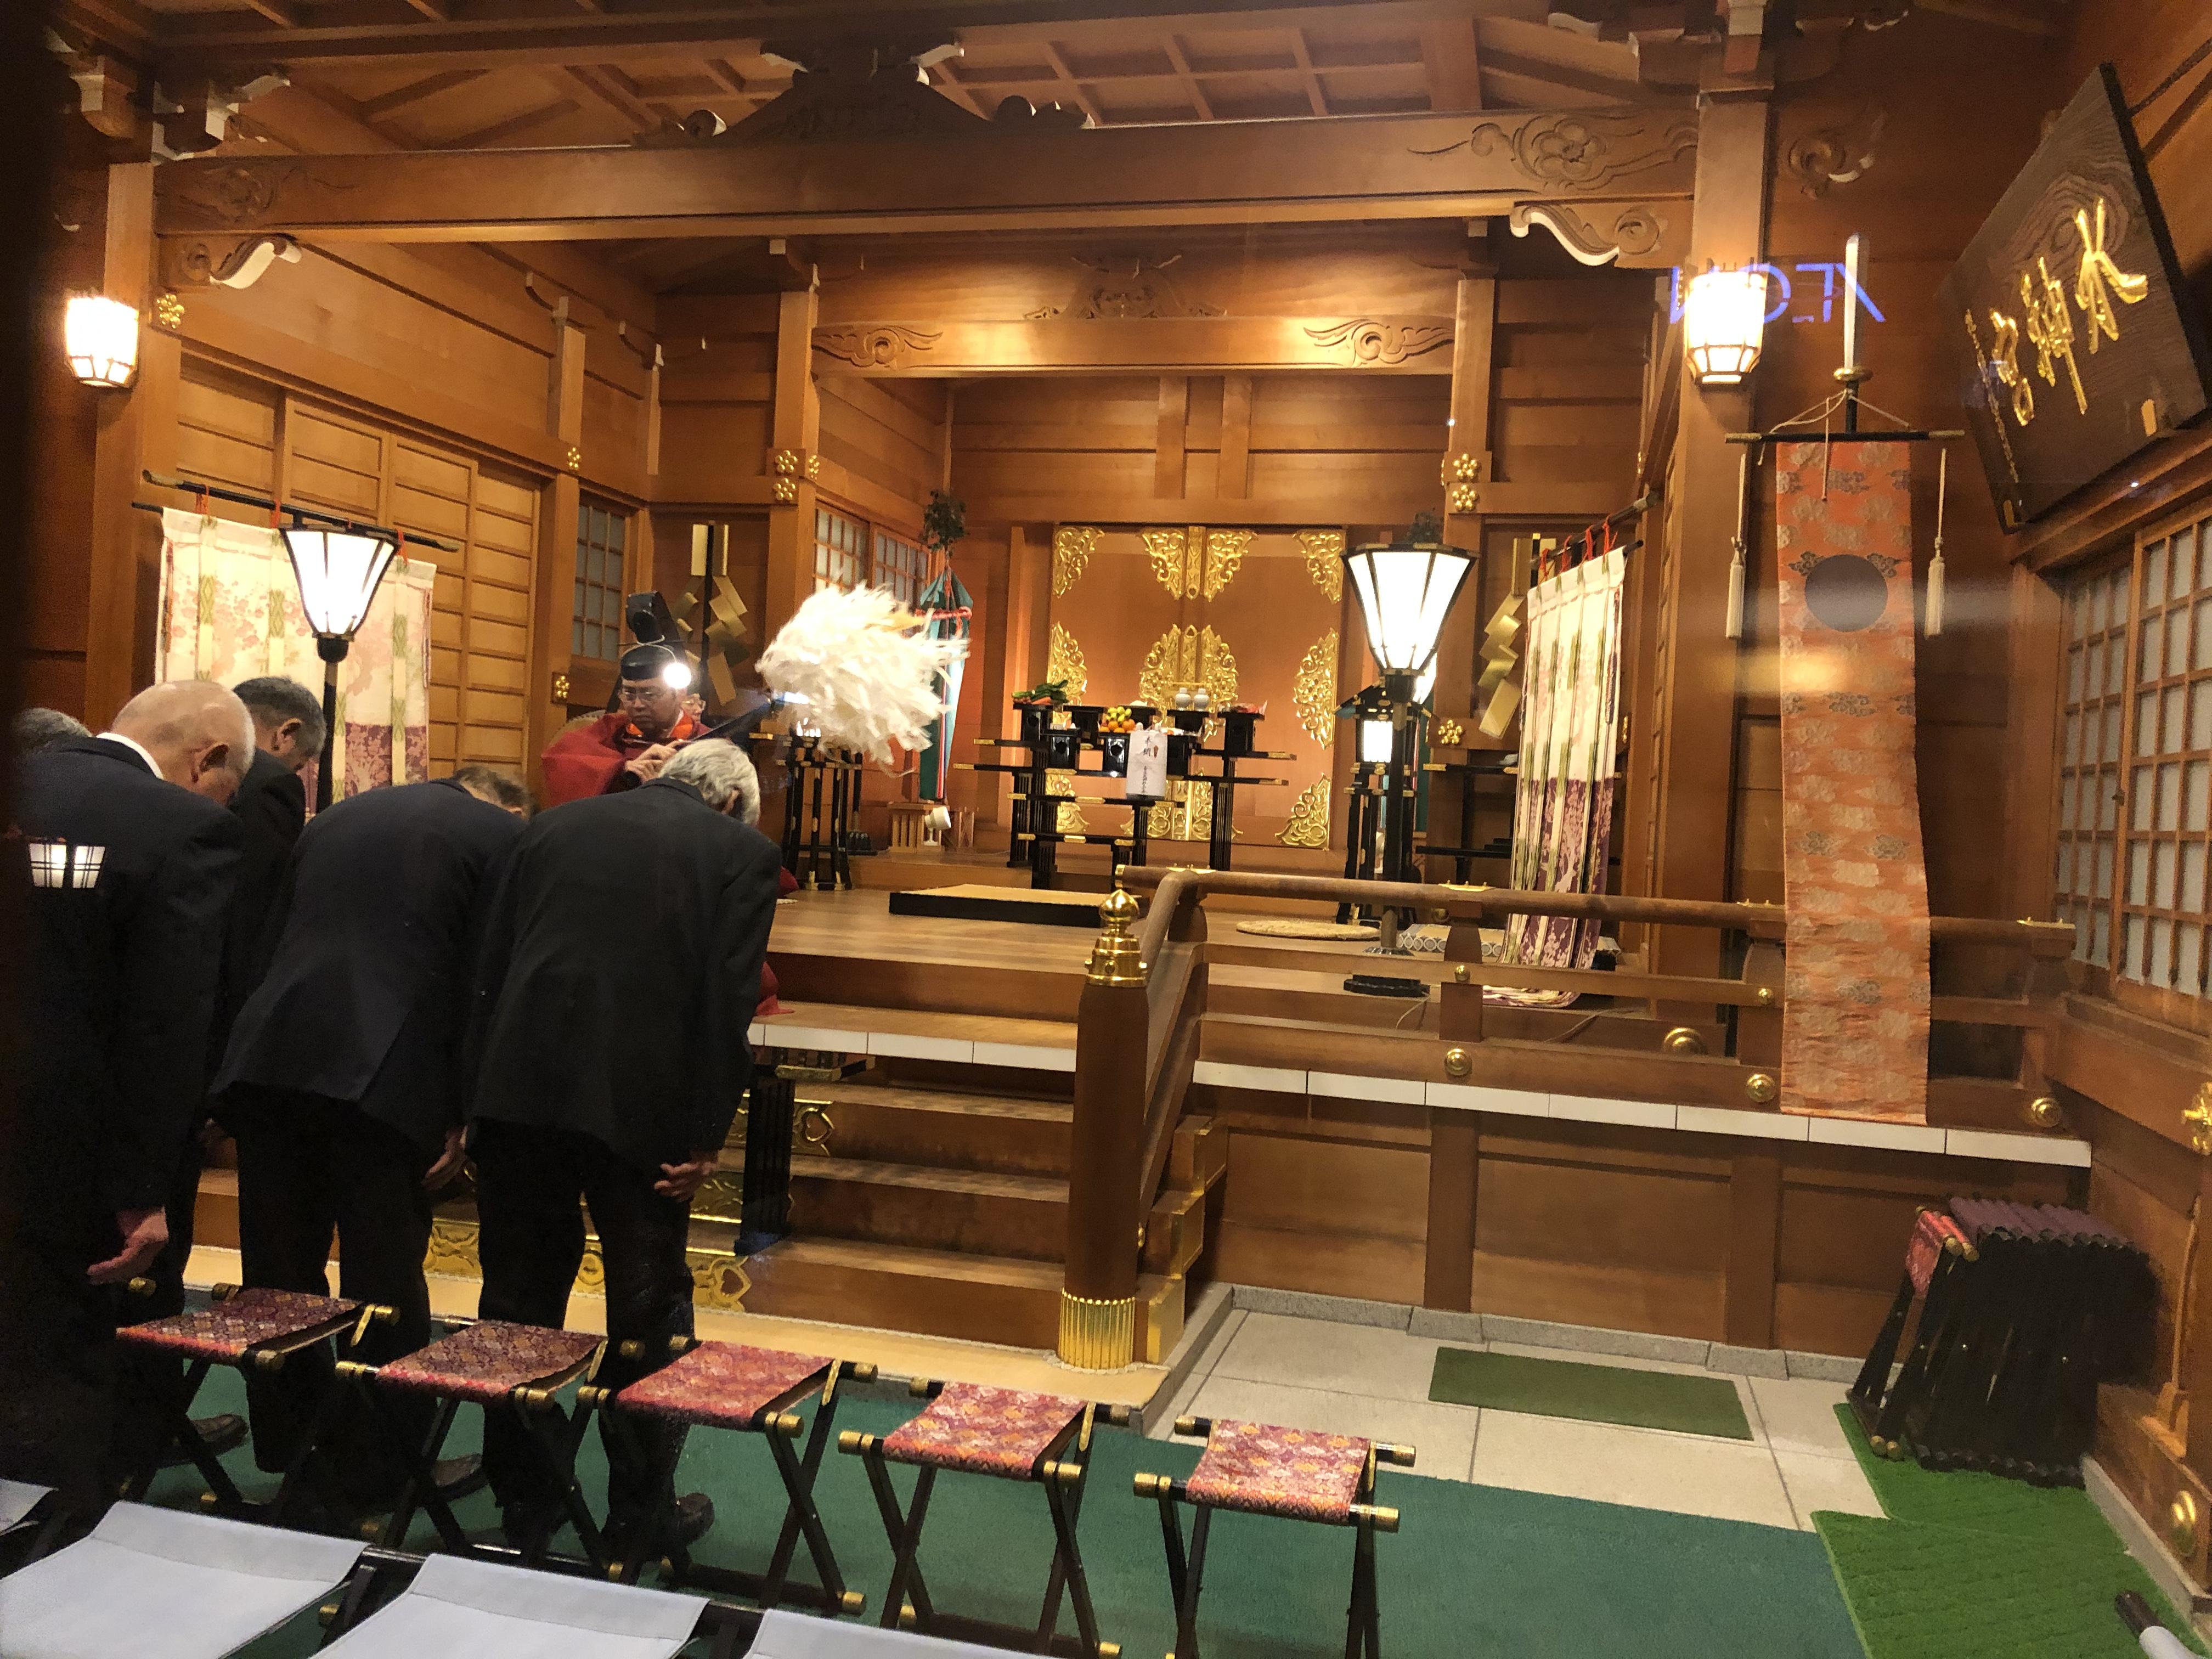 2月22日(土) 祈年祭と初午祭をとり行いました。